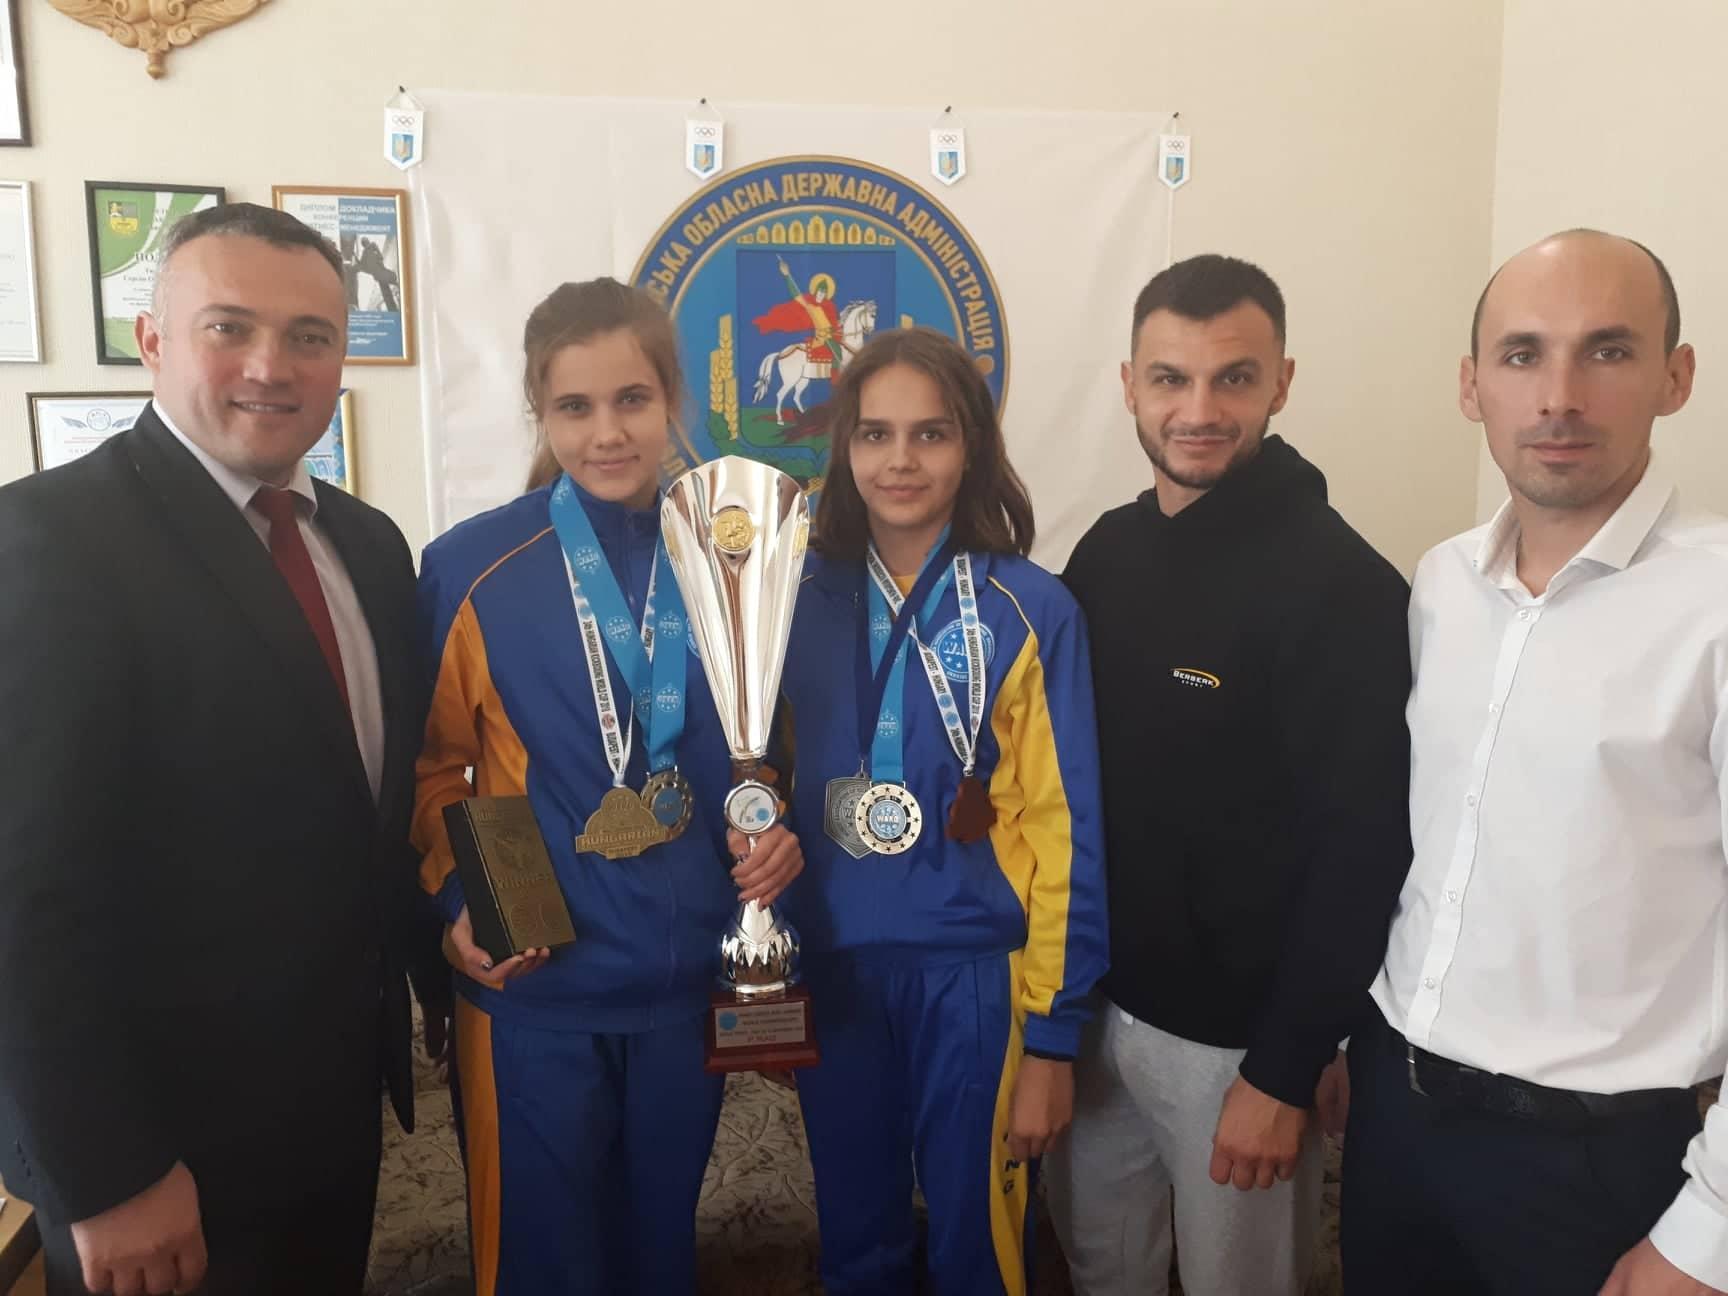 Сергій Тимофєєв зустрівся з переможцями ЧС з кікбосингу. Фото